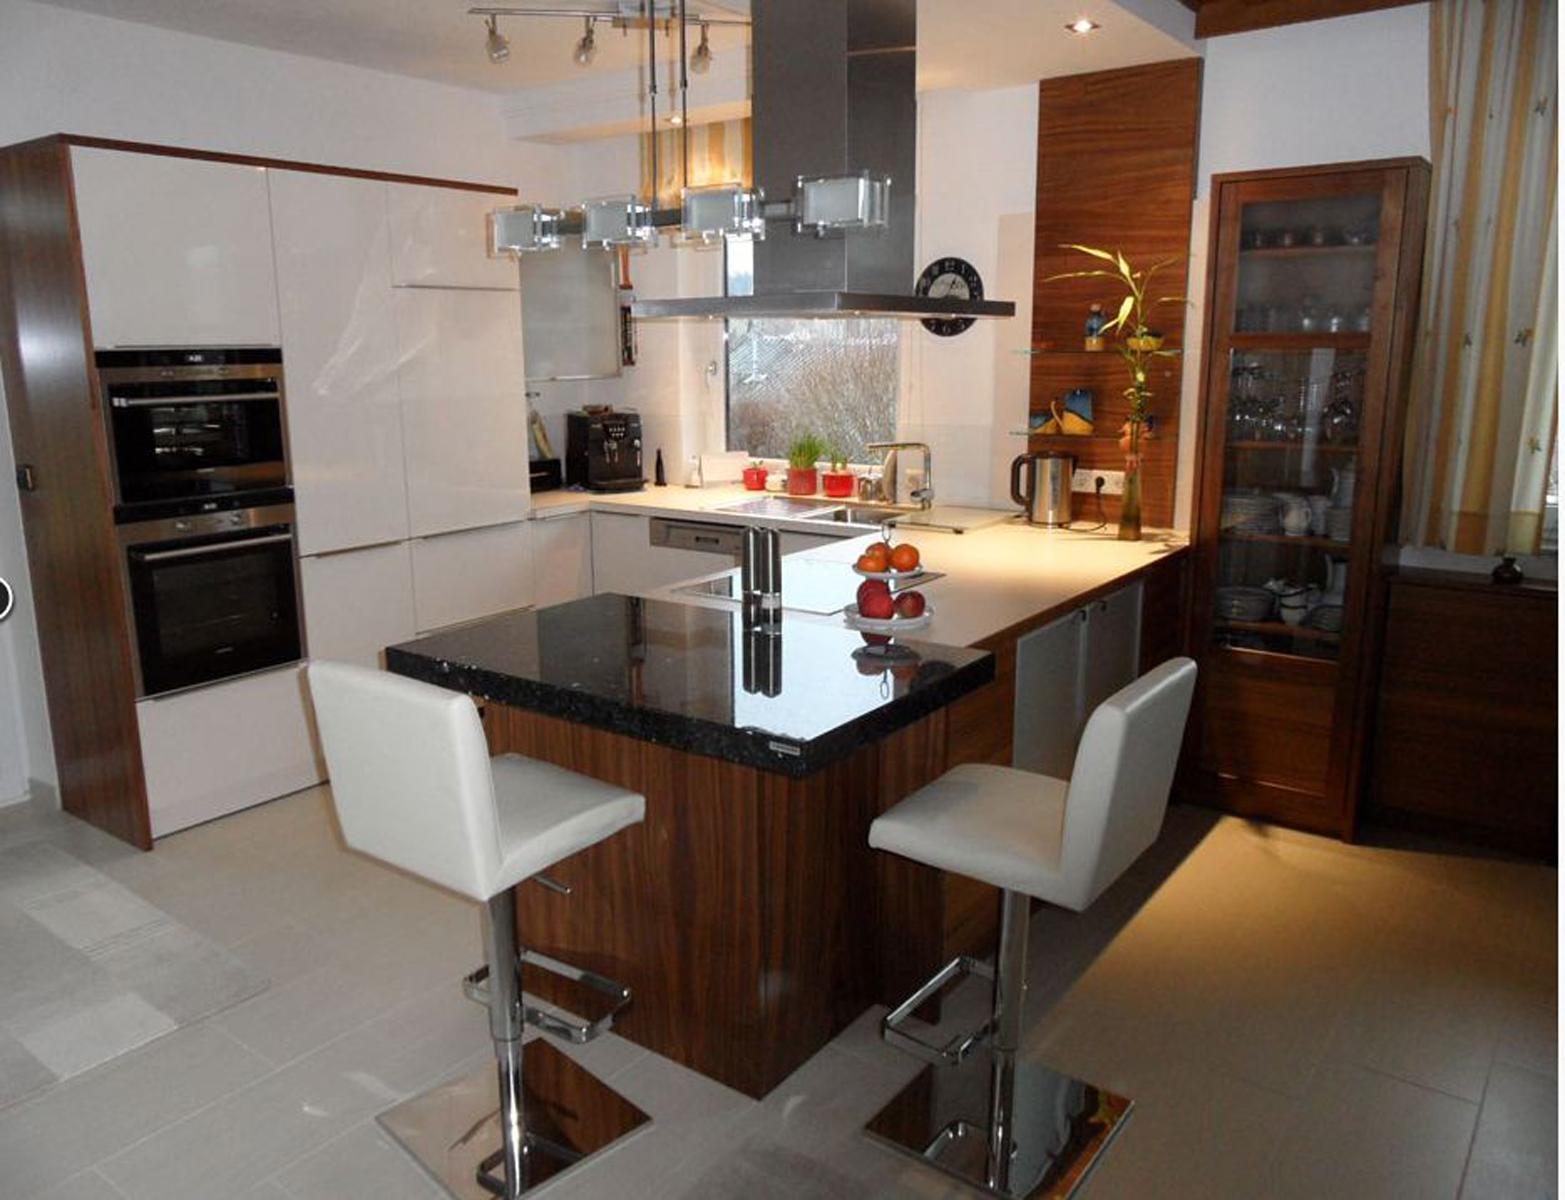 tischlerei otto referenzen k chen. Black Bedroom Furniture Sets. Home Design Ideas